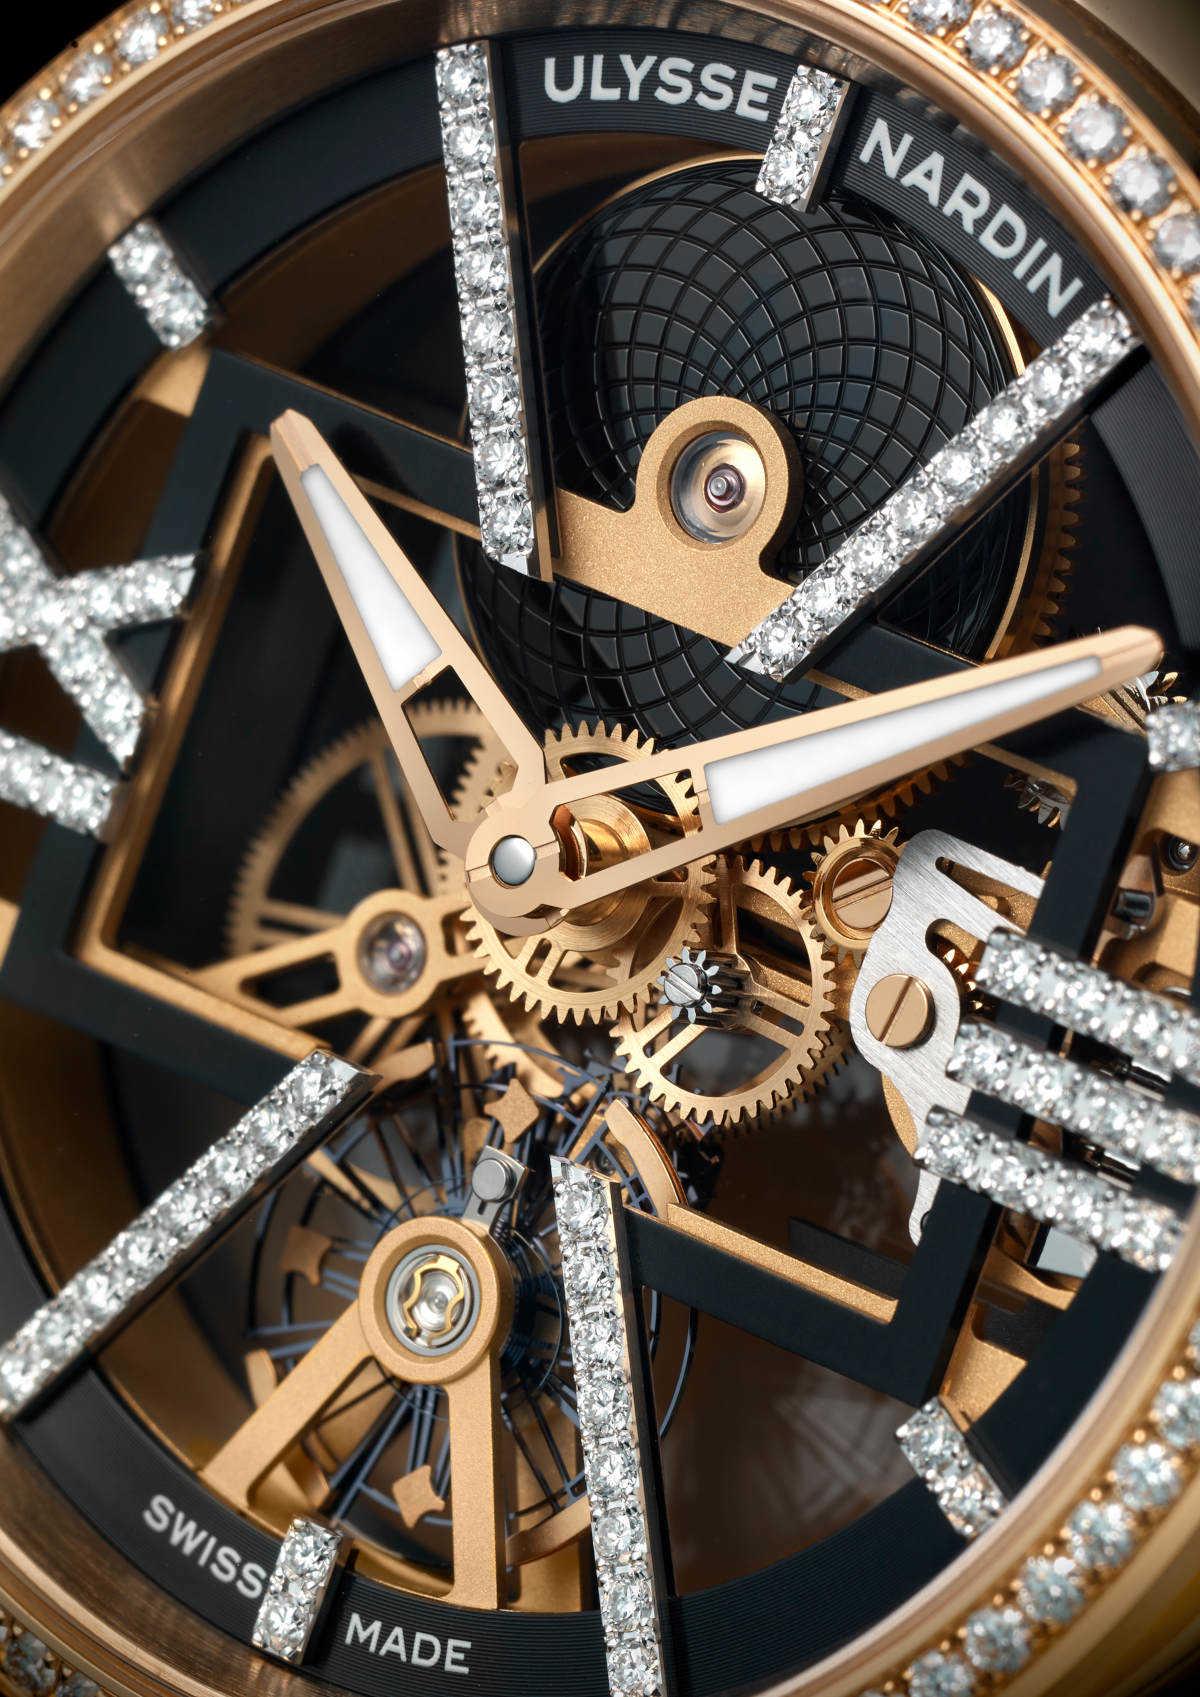 ここ一番で使える! ダイヤの煌めきが違う、 〈ユリス・ナルダン〉の贅沢スケルトン!